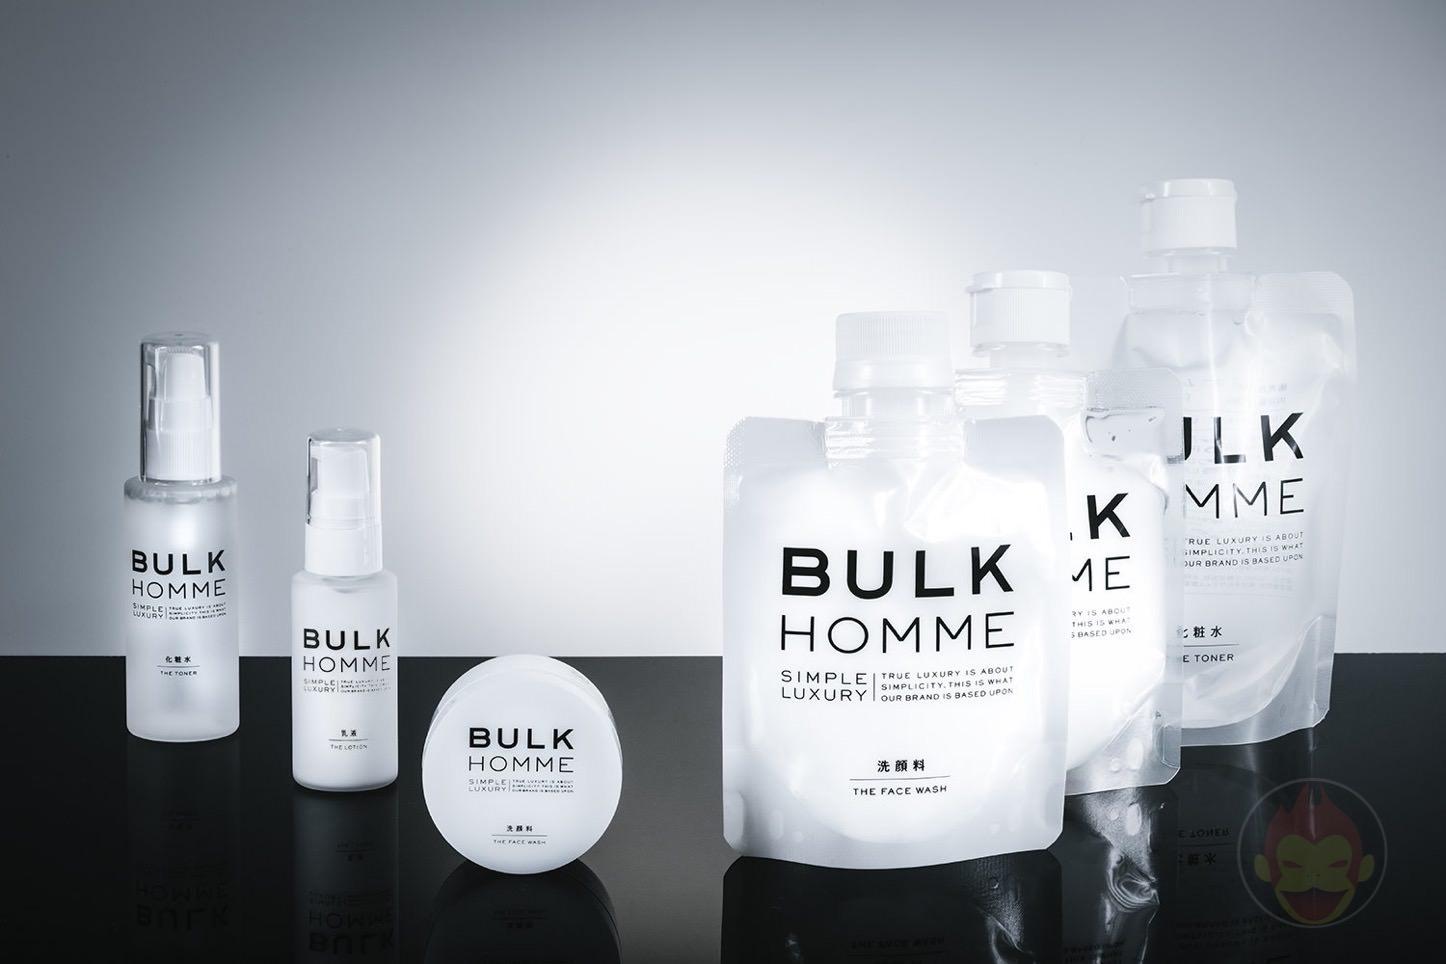 BULK-HOMME-GoriMe